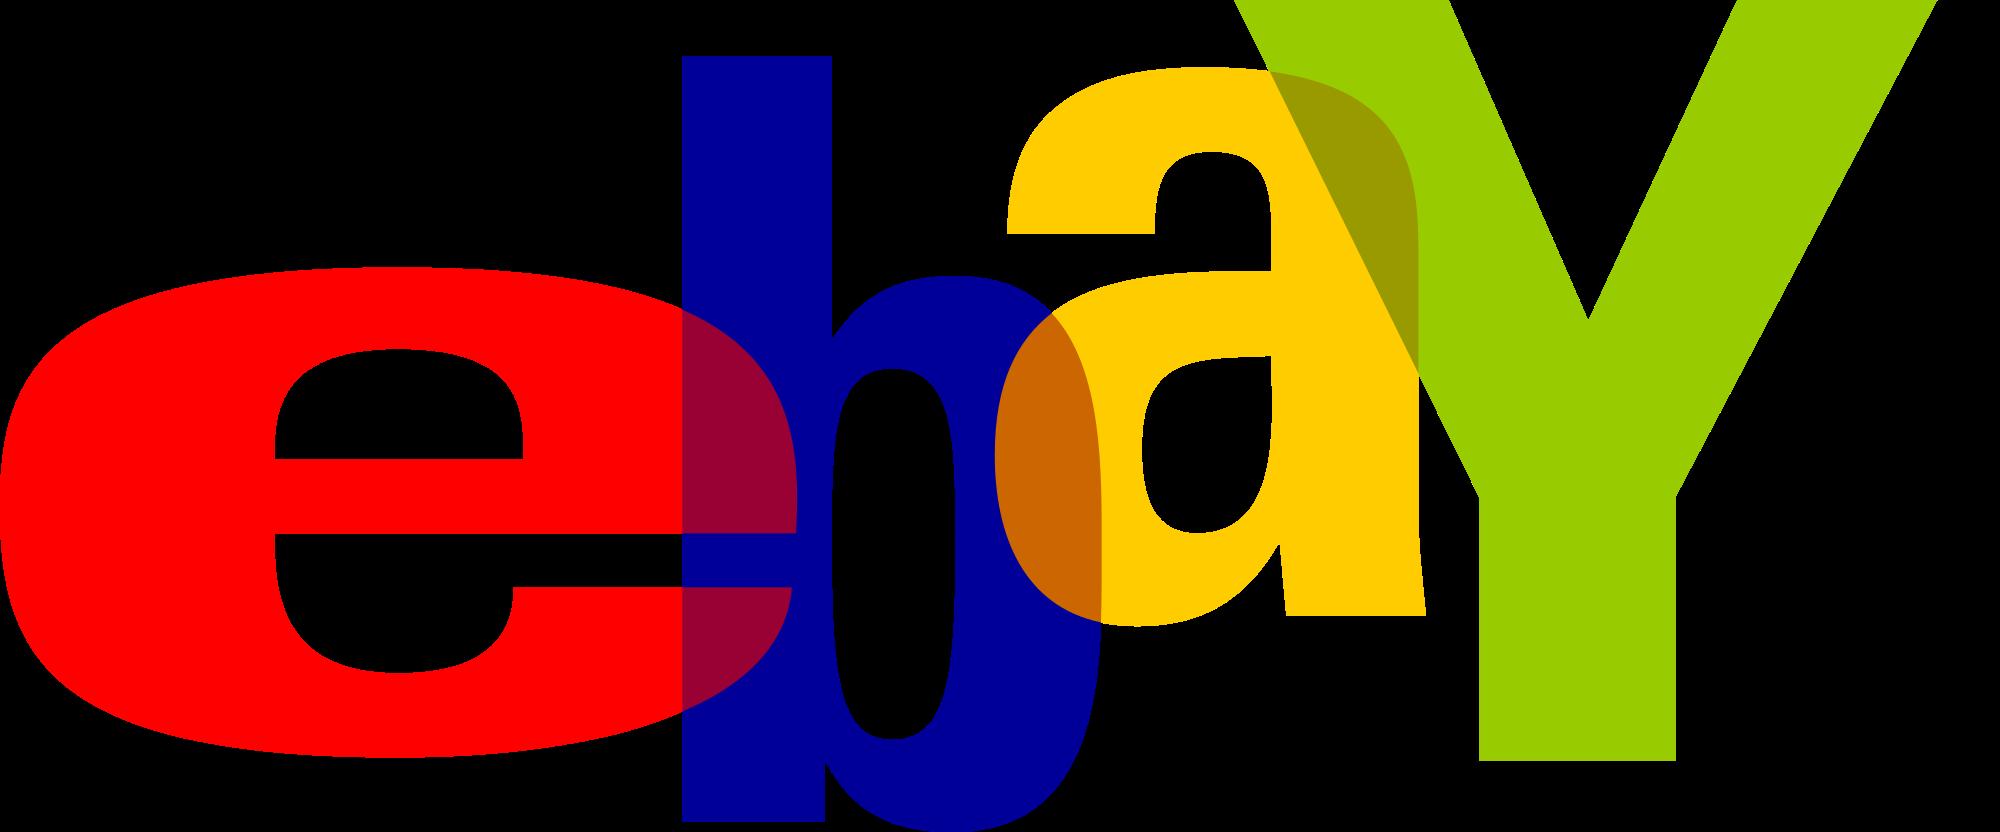 Ako začať podnikať na Ebayi